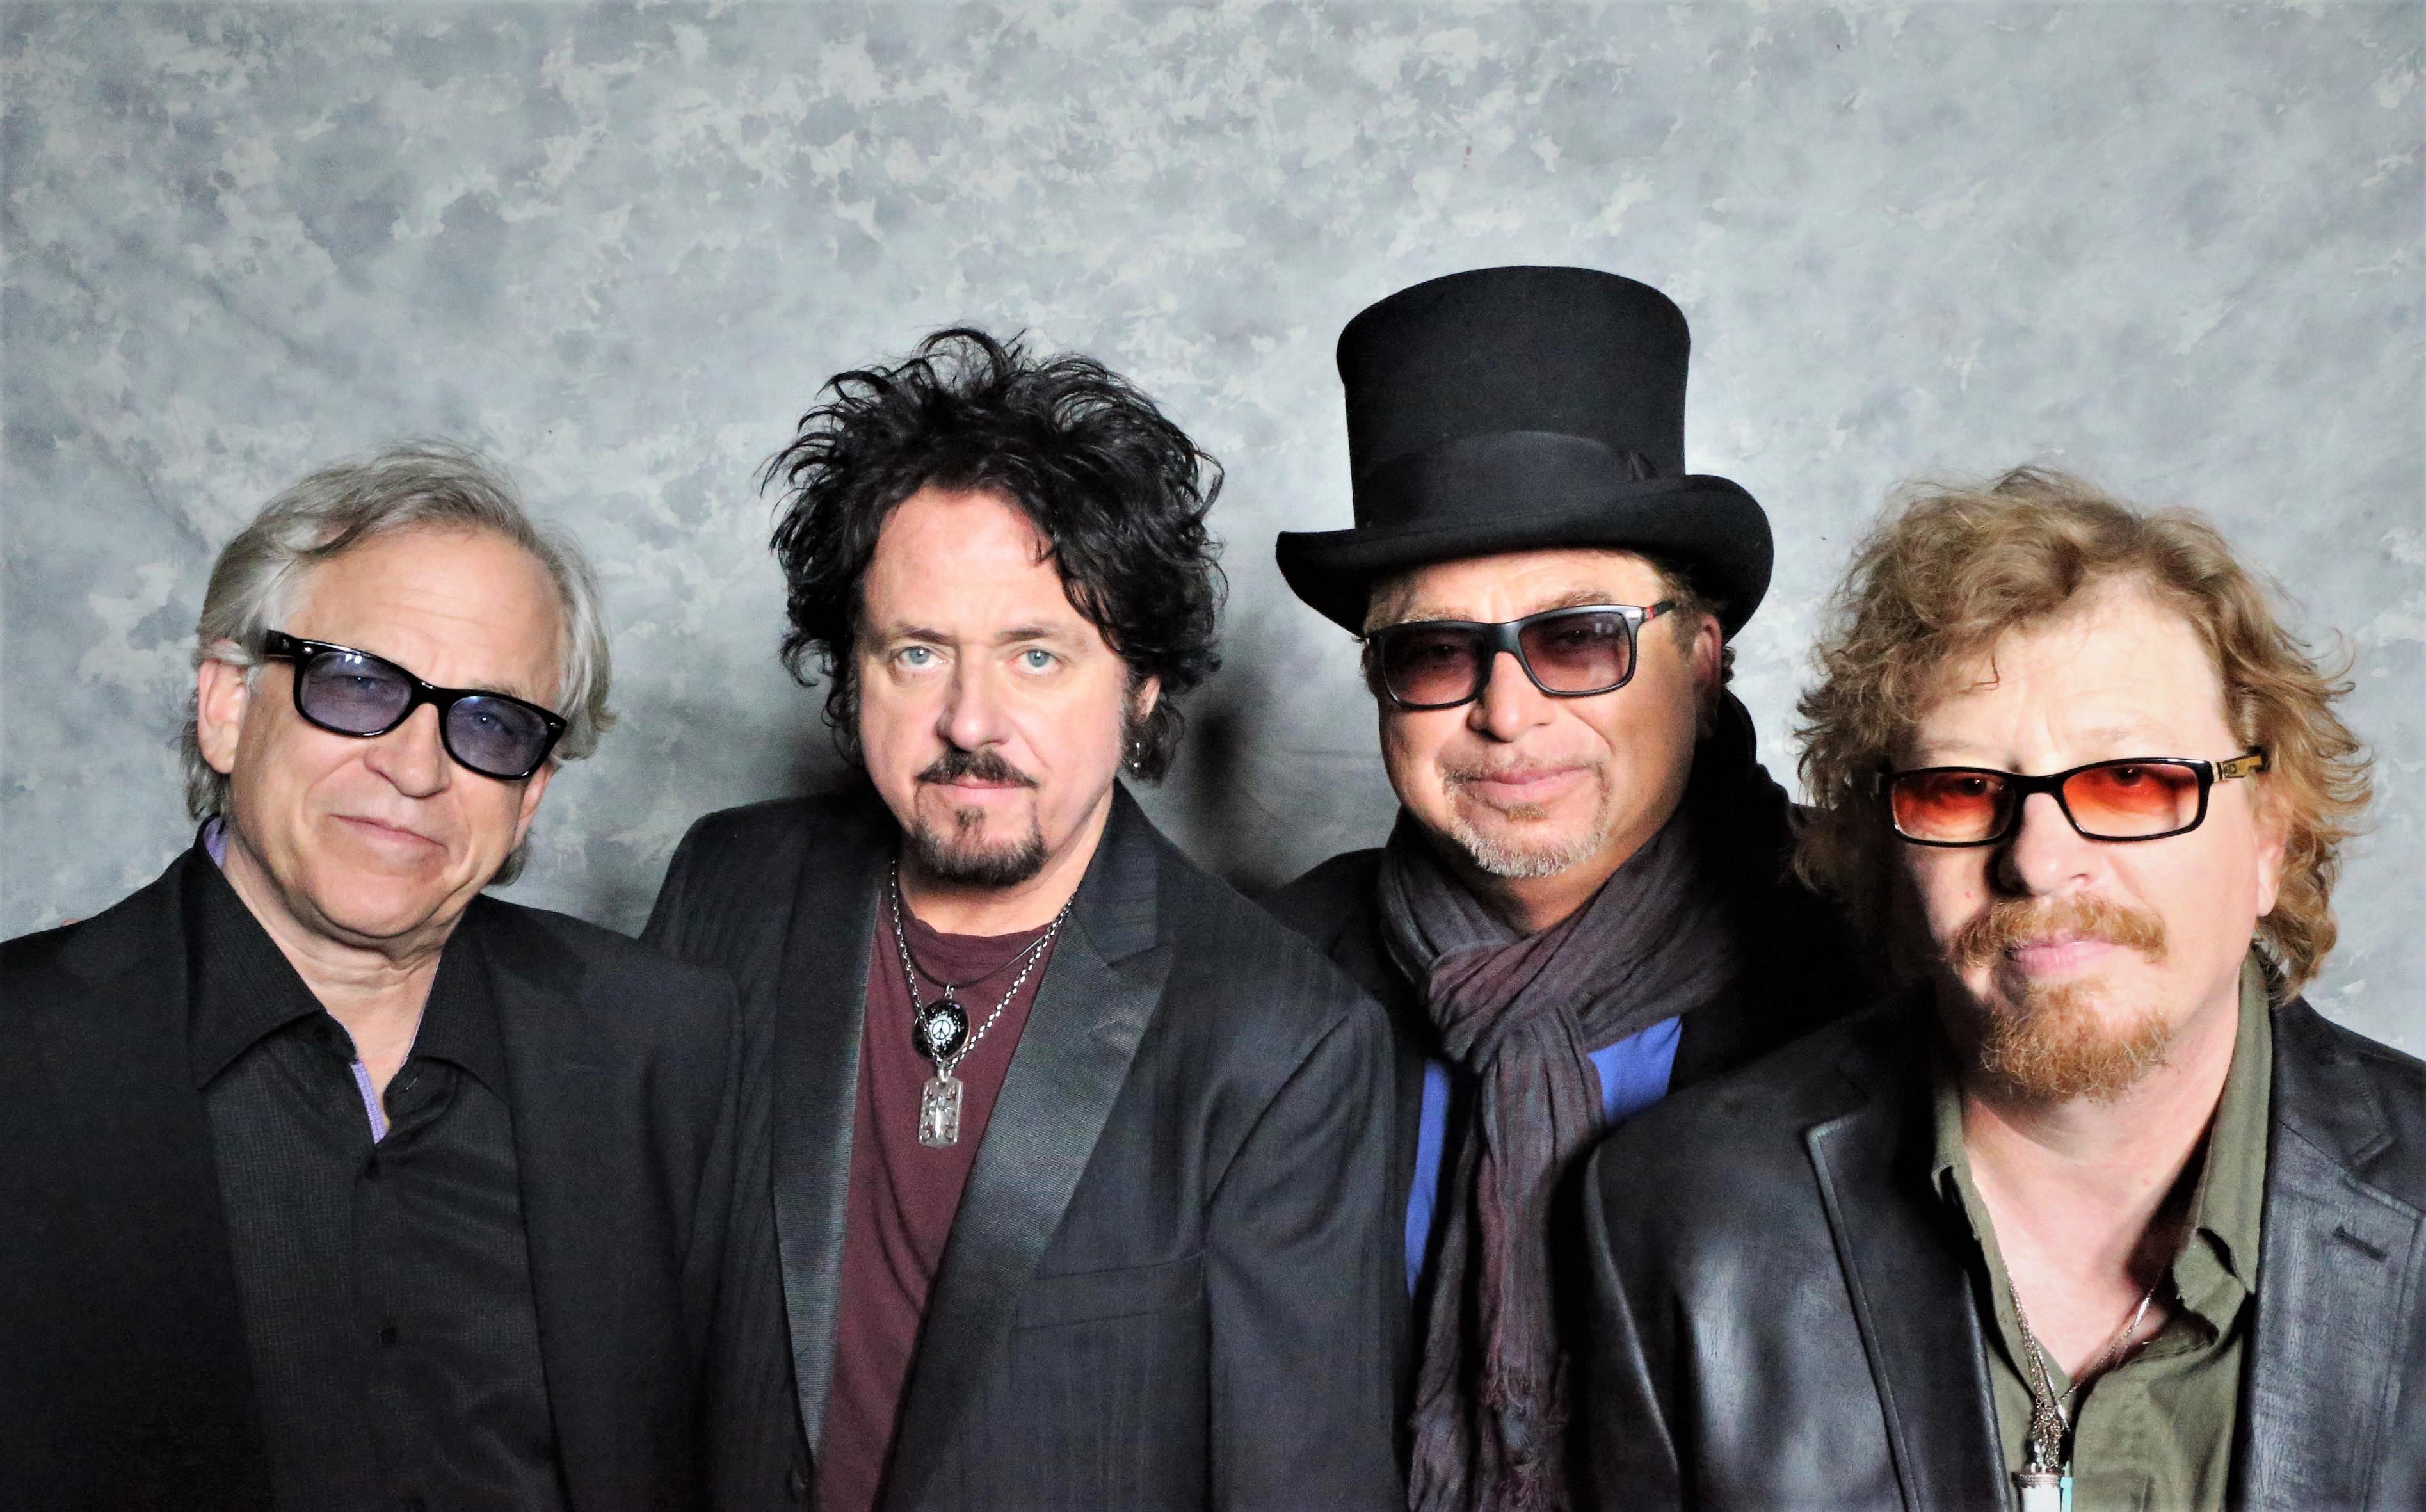 I Toto in Italia per i 40 anni di carriera